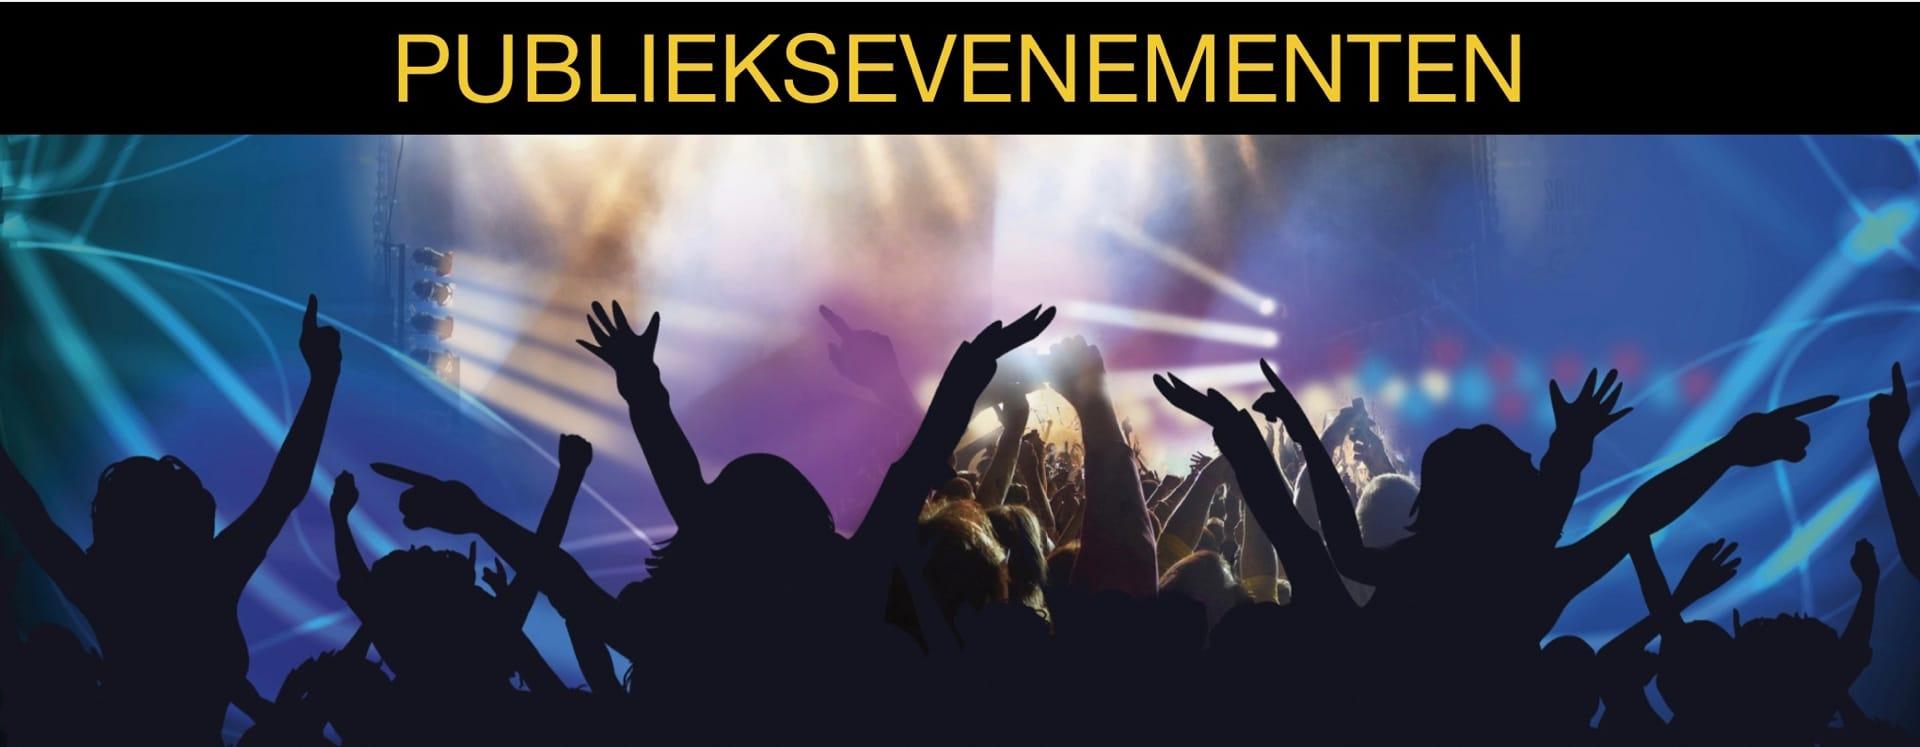 4YourEvents Slider Publieksevenementen Homepage